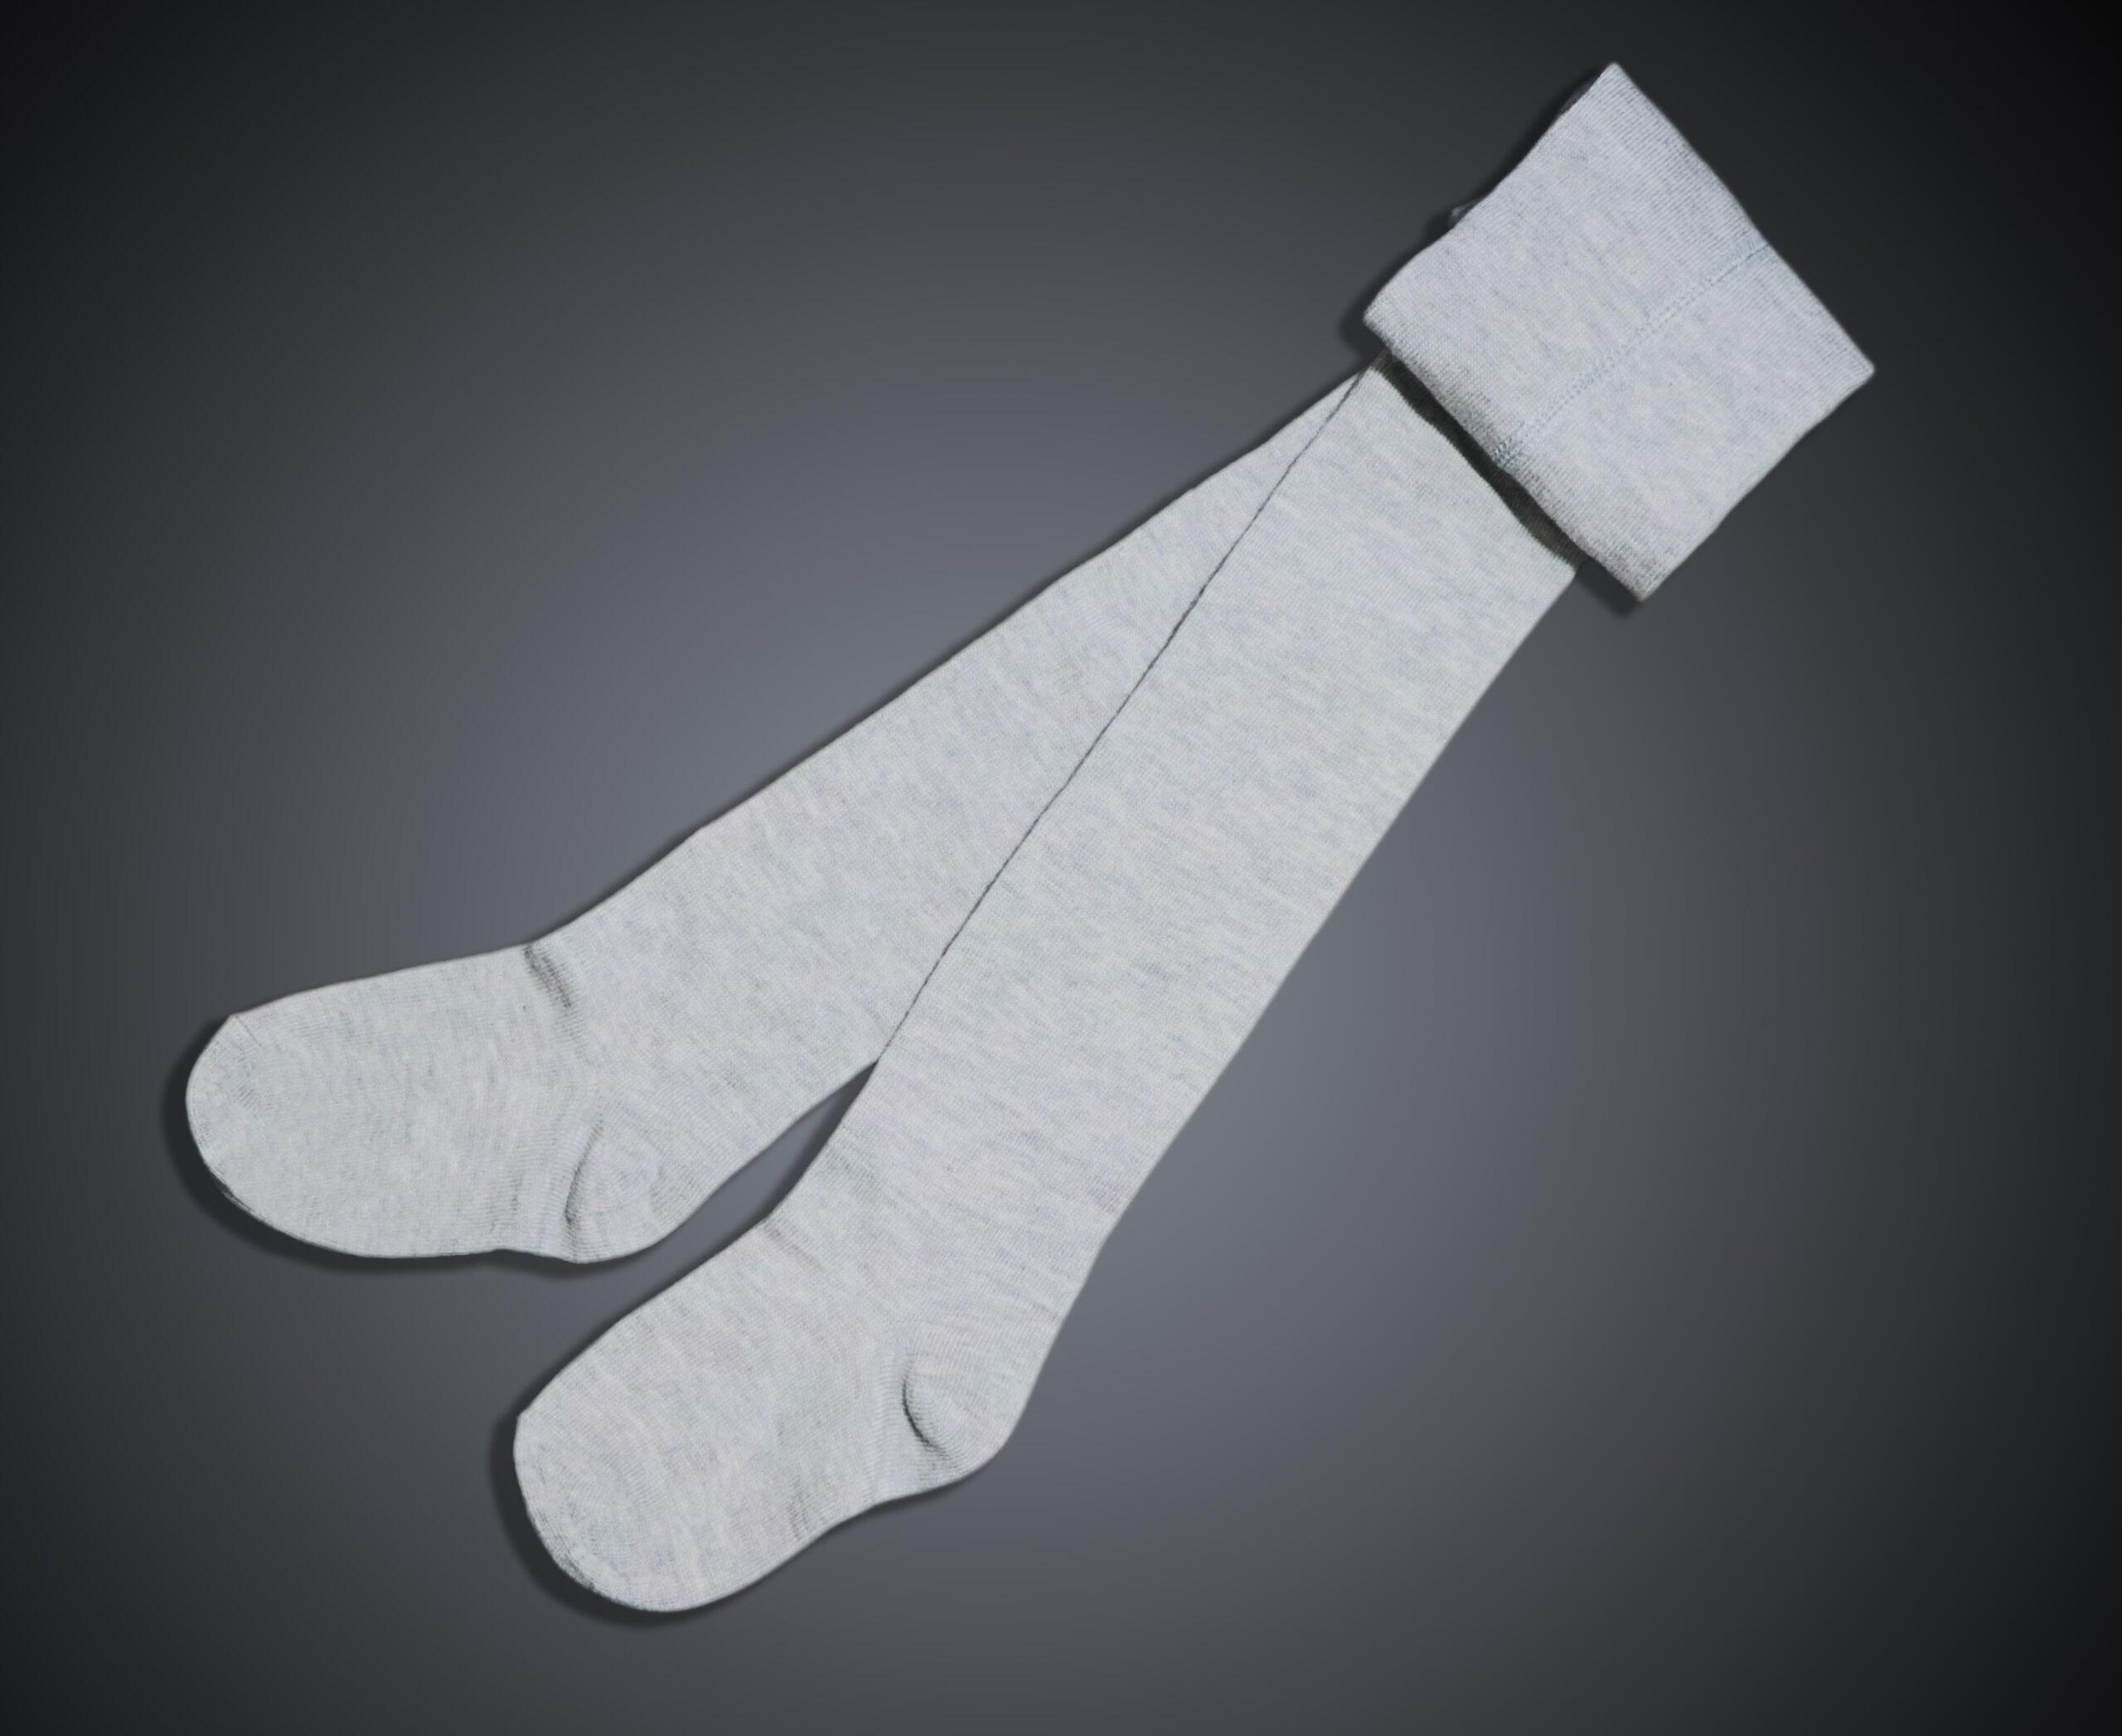 جوراب شلواری بچگانه ساده ملانژ